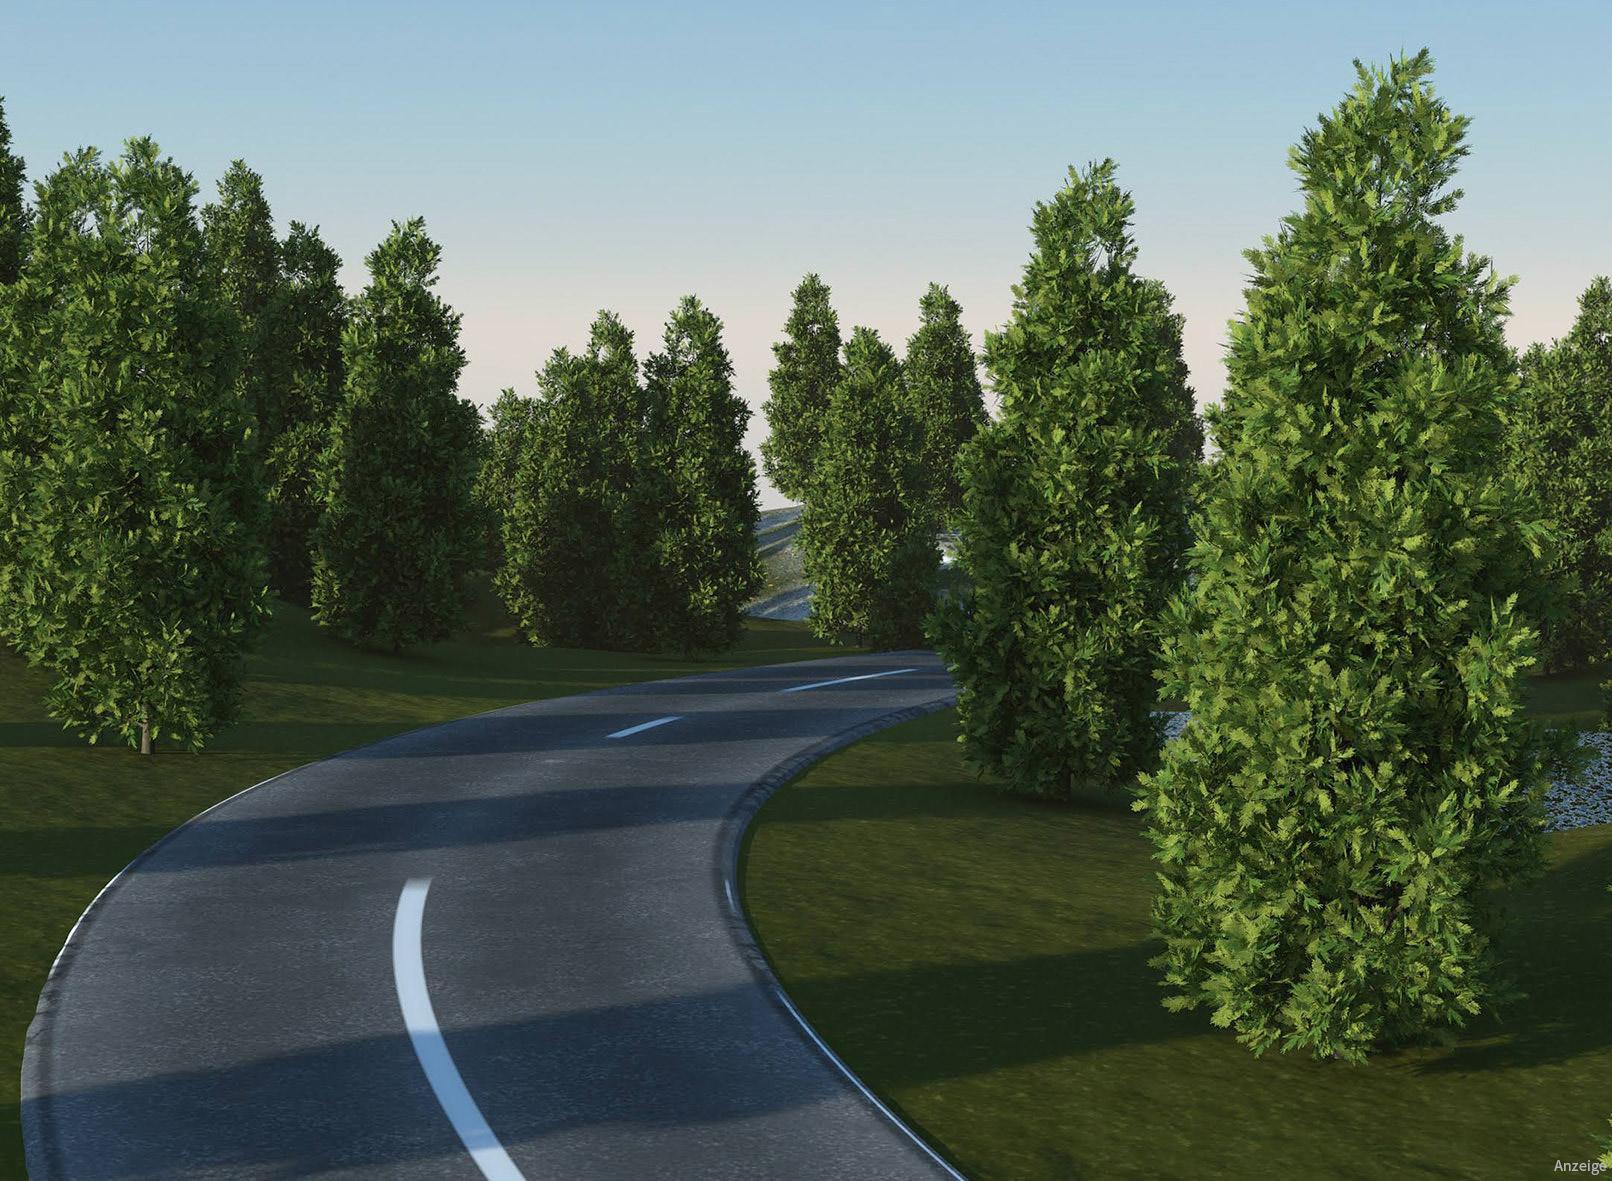 Straße mit Bäumen, erstellt mit Laubwerk und Cinema 4D